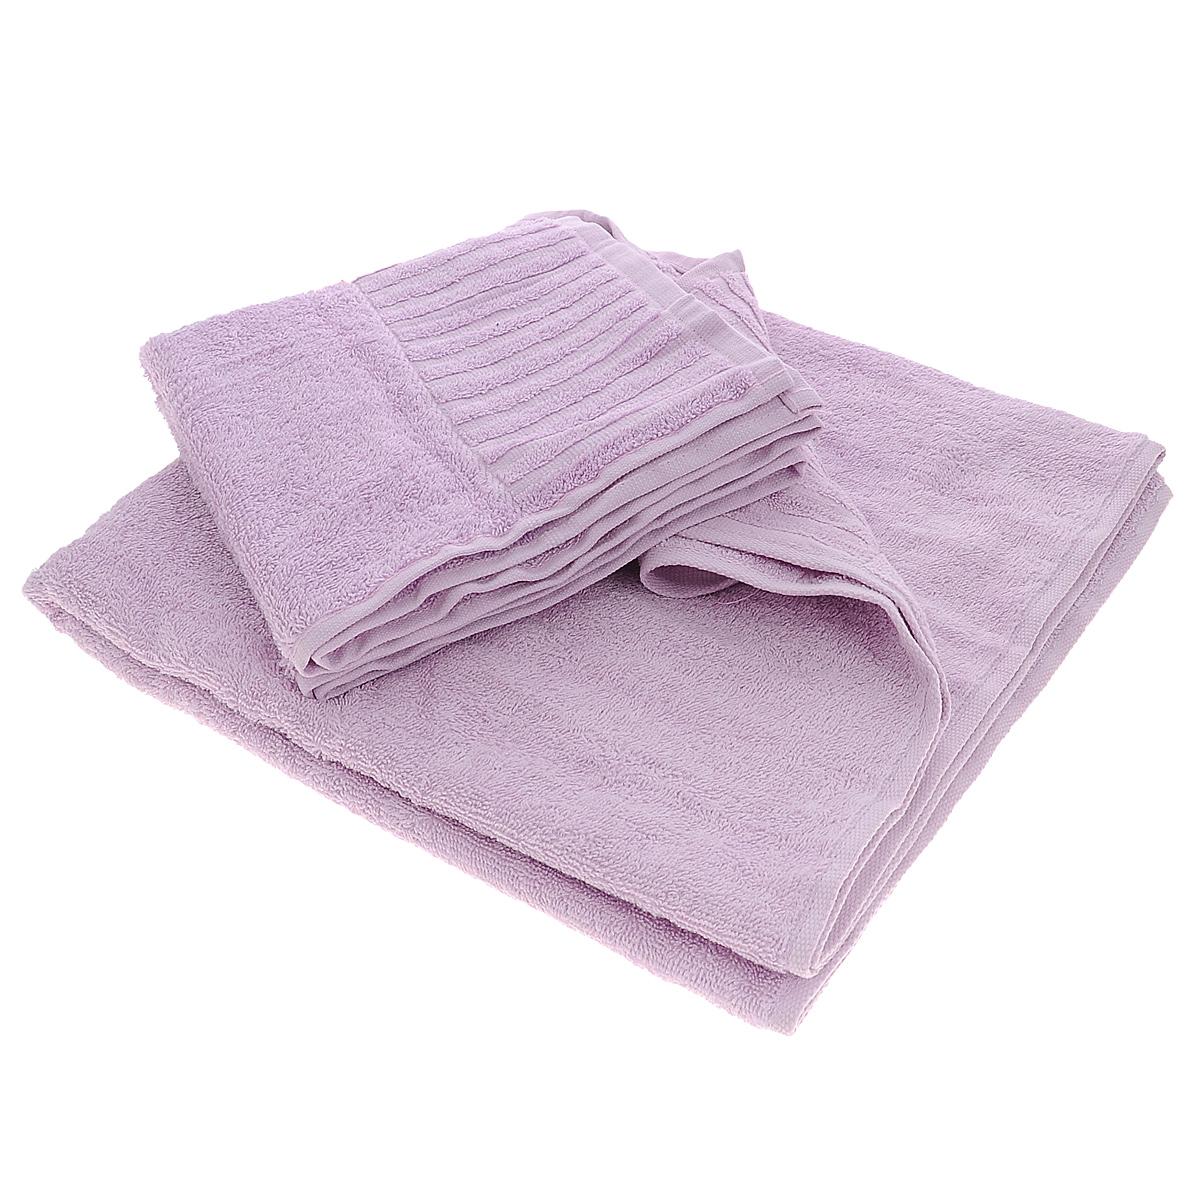 Набор махровых полотенец Bonita, цвет: сиреневый, 2 шт01011116226Набор Bonita состоит из двух полотенец разного размера, выполненных из натурального хлопка. Такие полотенца отлично впитывают влагу, быстро сохнут, сохраняют яркость цвета и не теряют формы даже после многократных стирок. Полотенца очень практичны и неприхотливы в уходе. Размер полотенец: 50 см х 90 см; 70 см х 140 см.